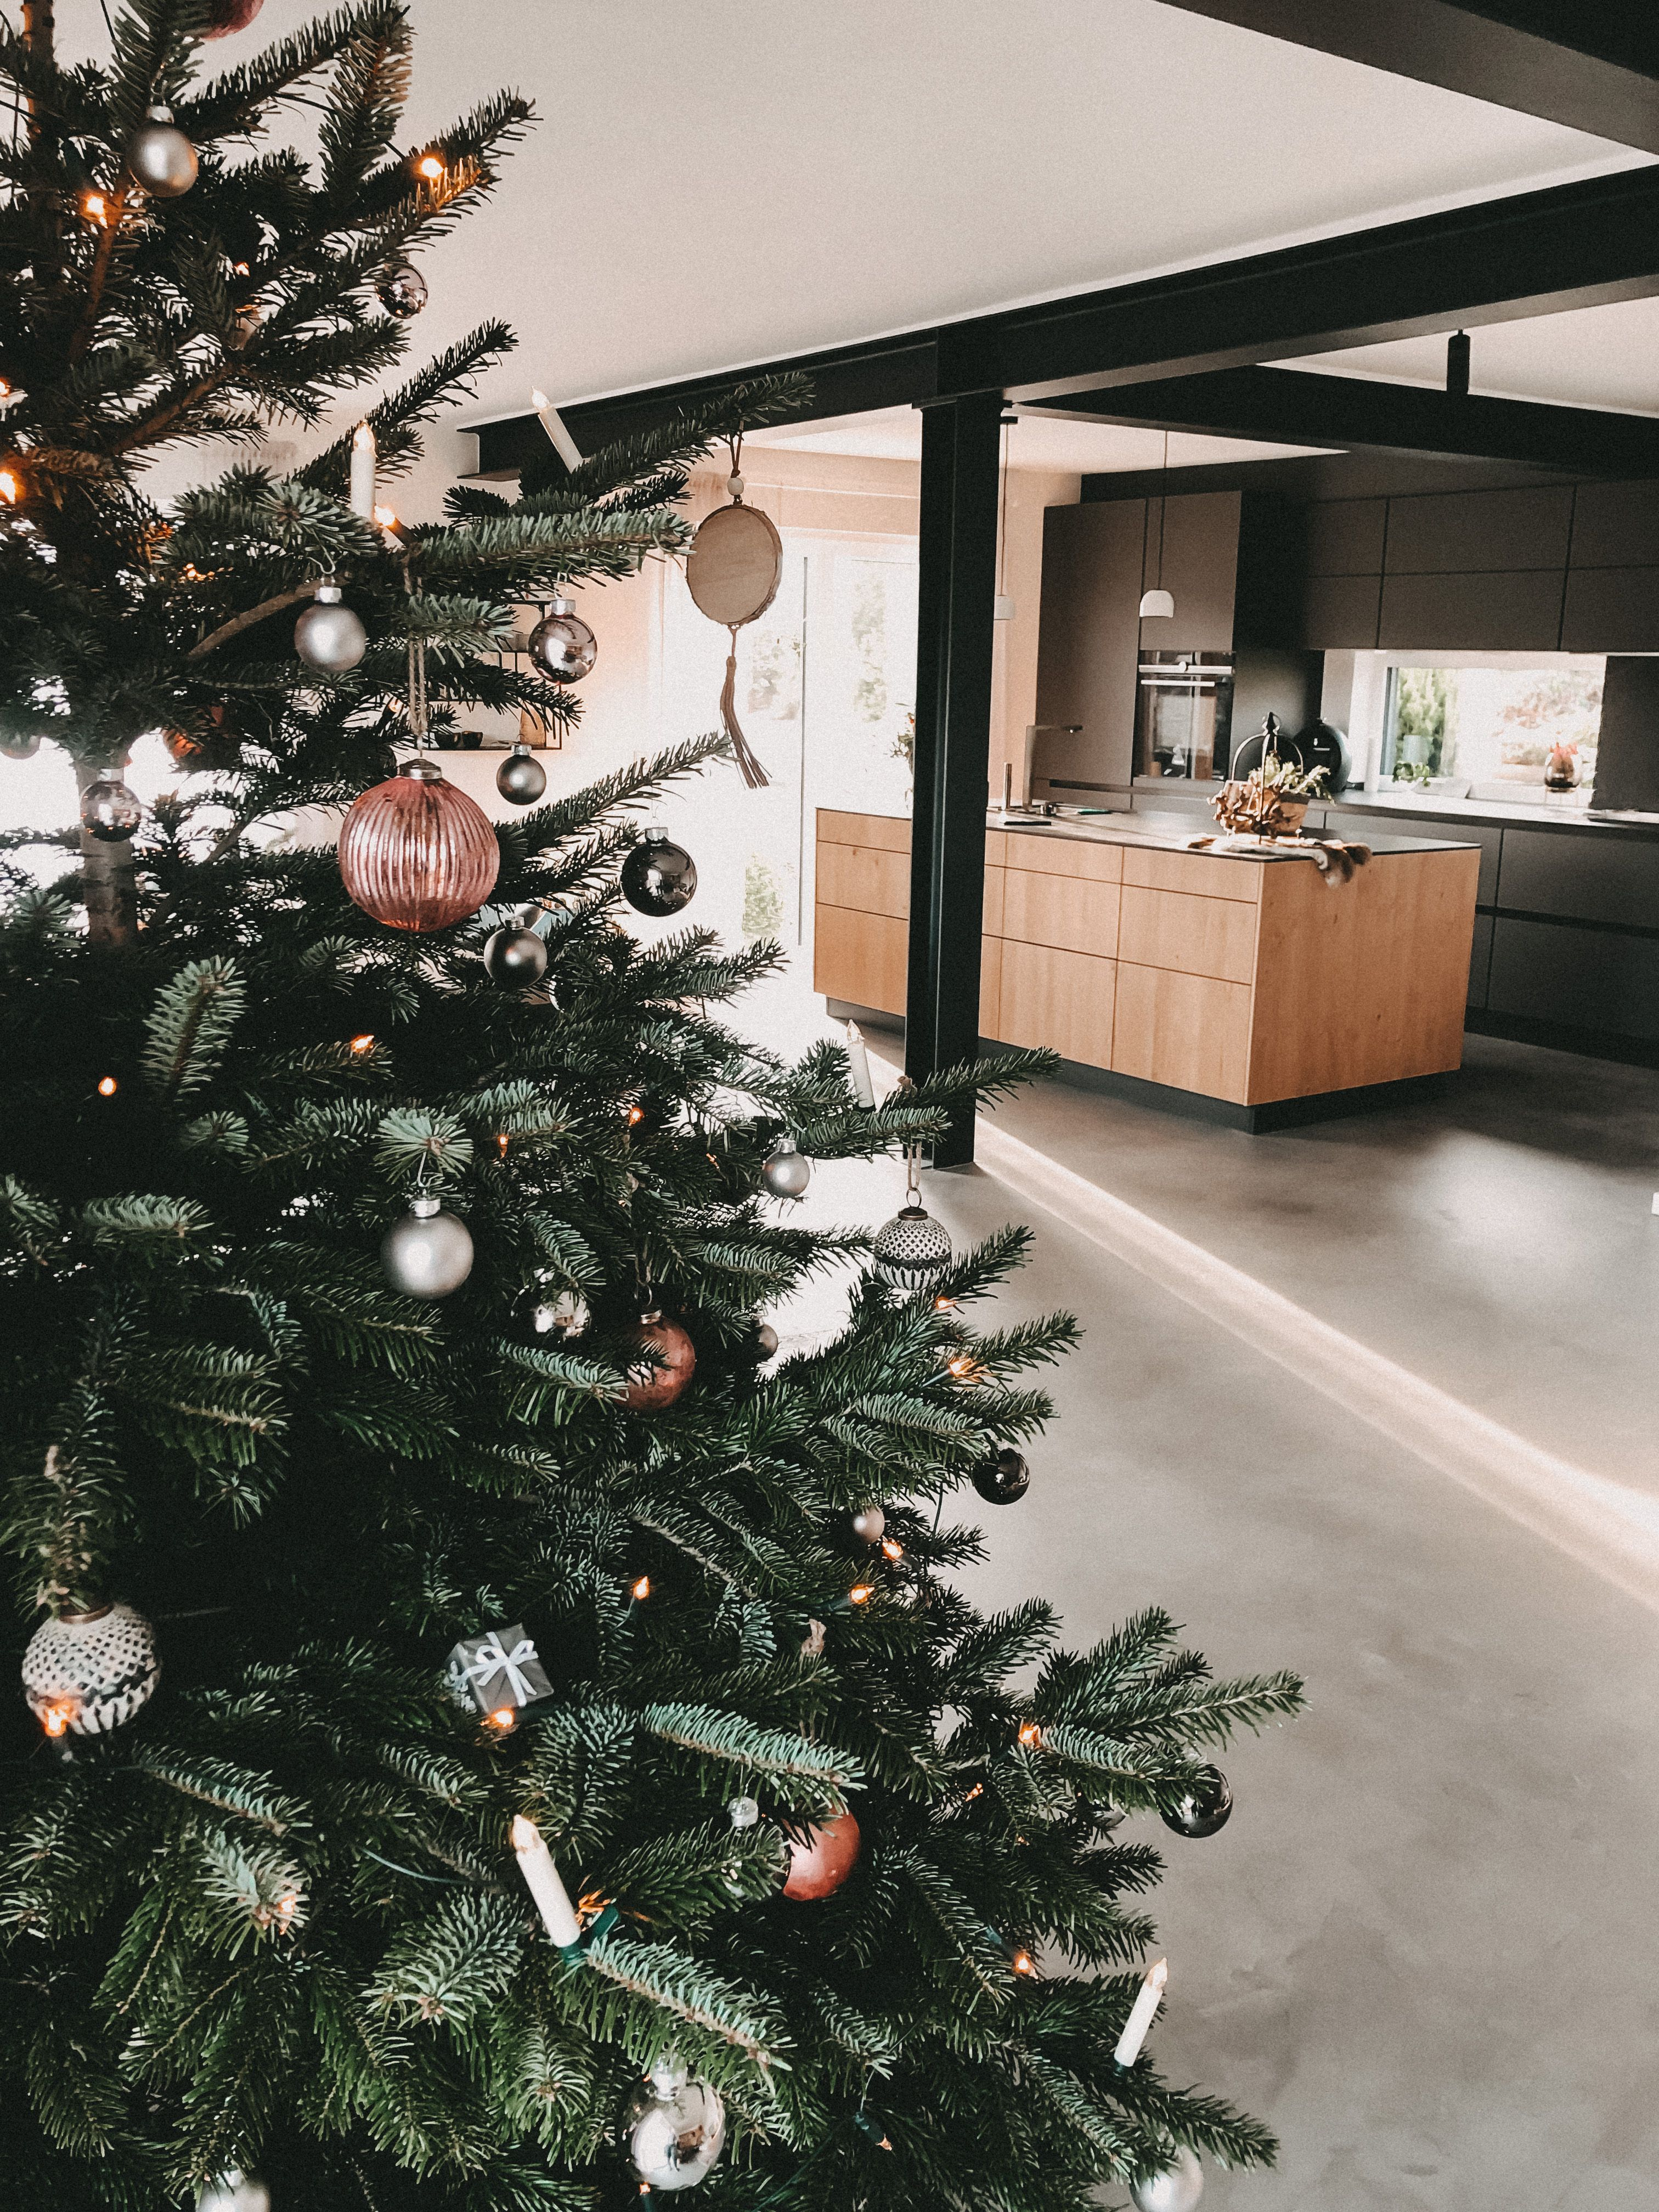 Pin Von Maike Schwabe Auf Stahltrager In 2020 Tannenbaum Schmucken Baumschmuck Weihnachtsbaum